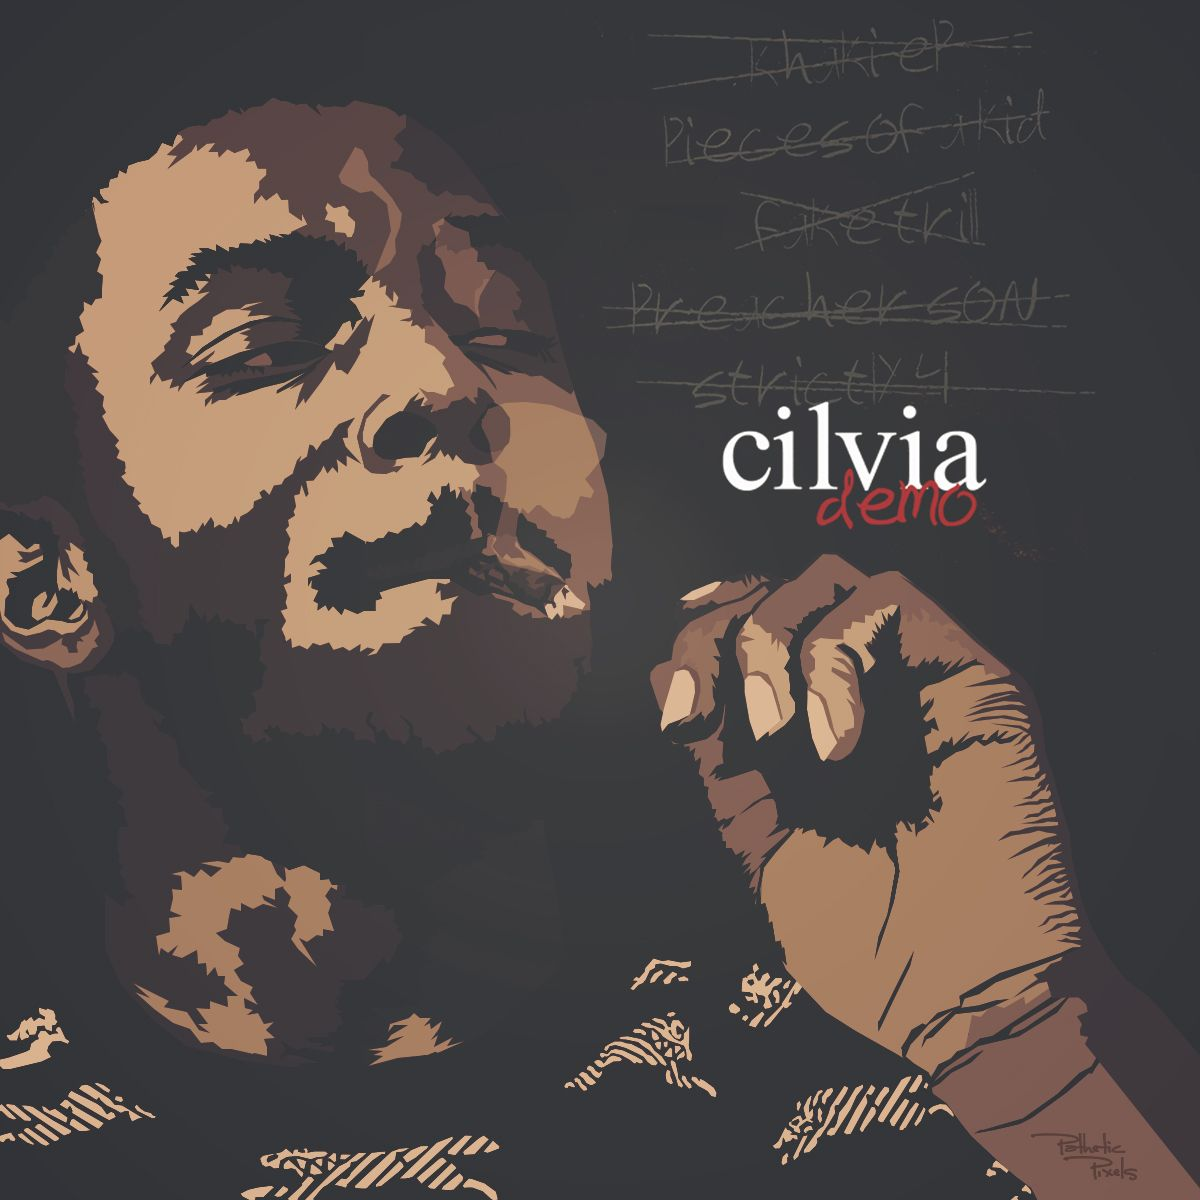 Cilvia Demo   Isaiah Rashad Album art Music albums Isaiah 1200x1200